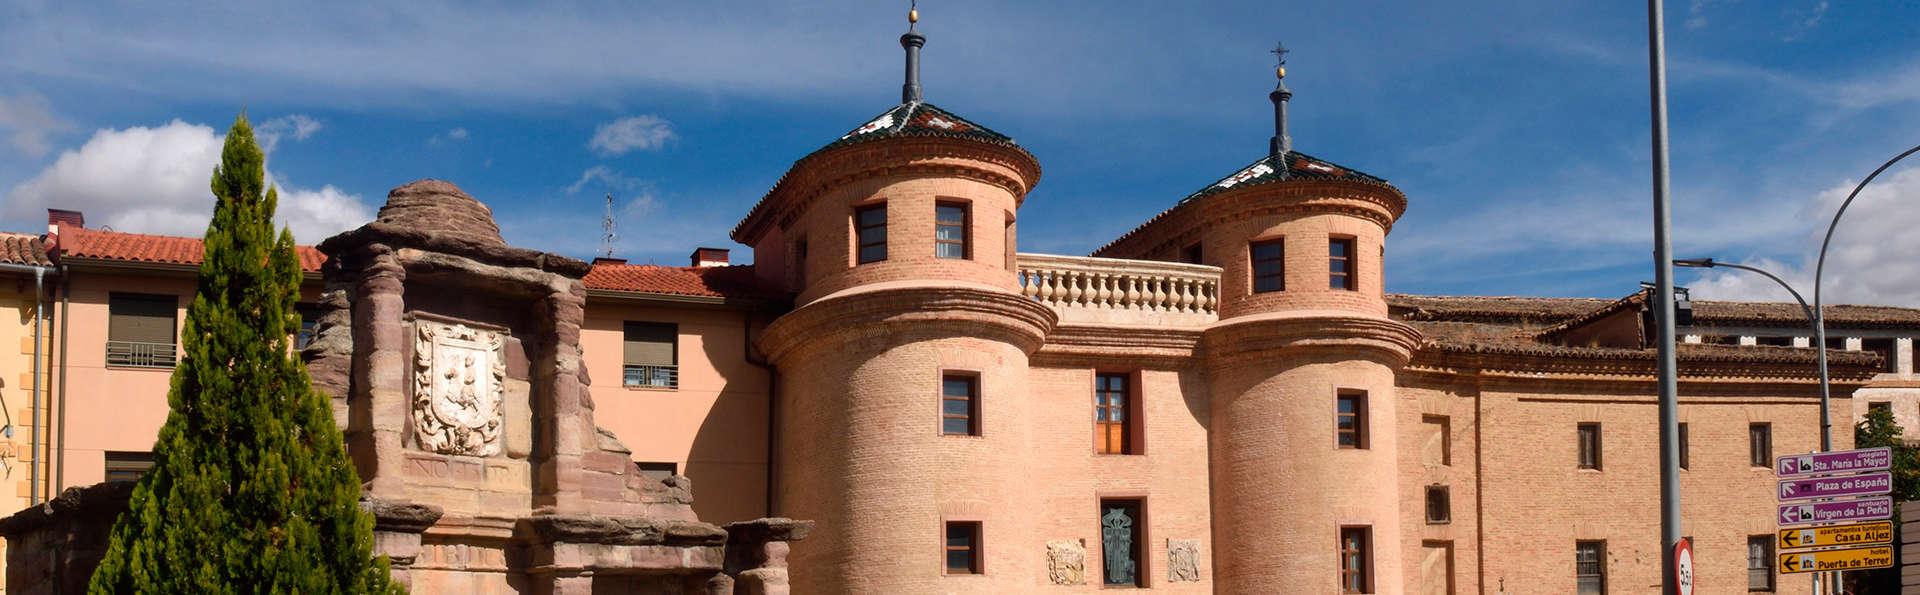 Hotel castillo de ayud 3 calatayud espa a - Castillo de ayud ...